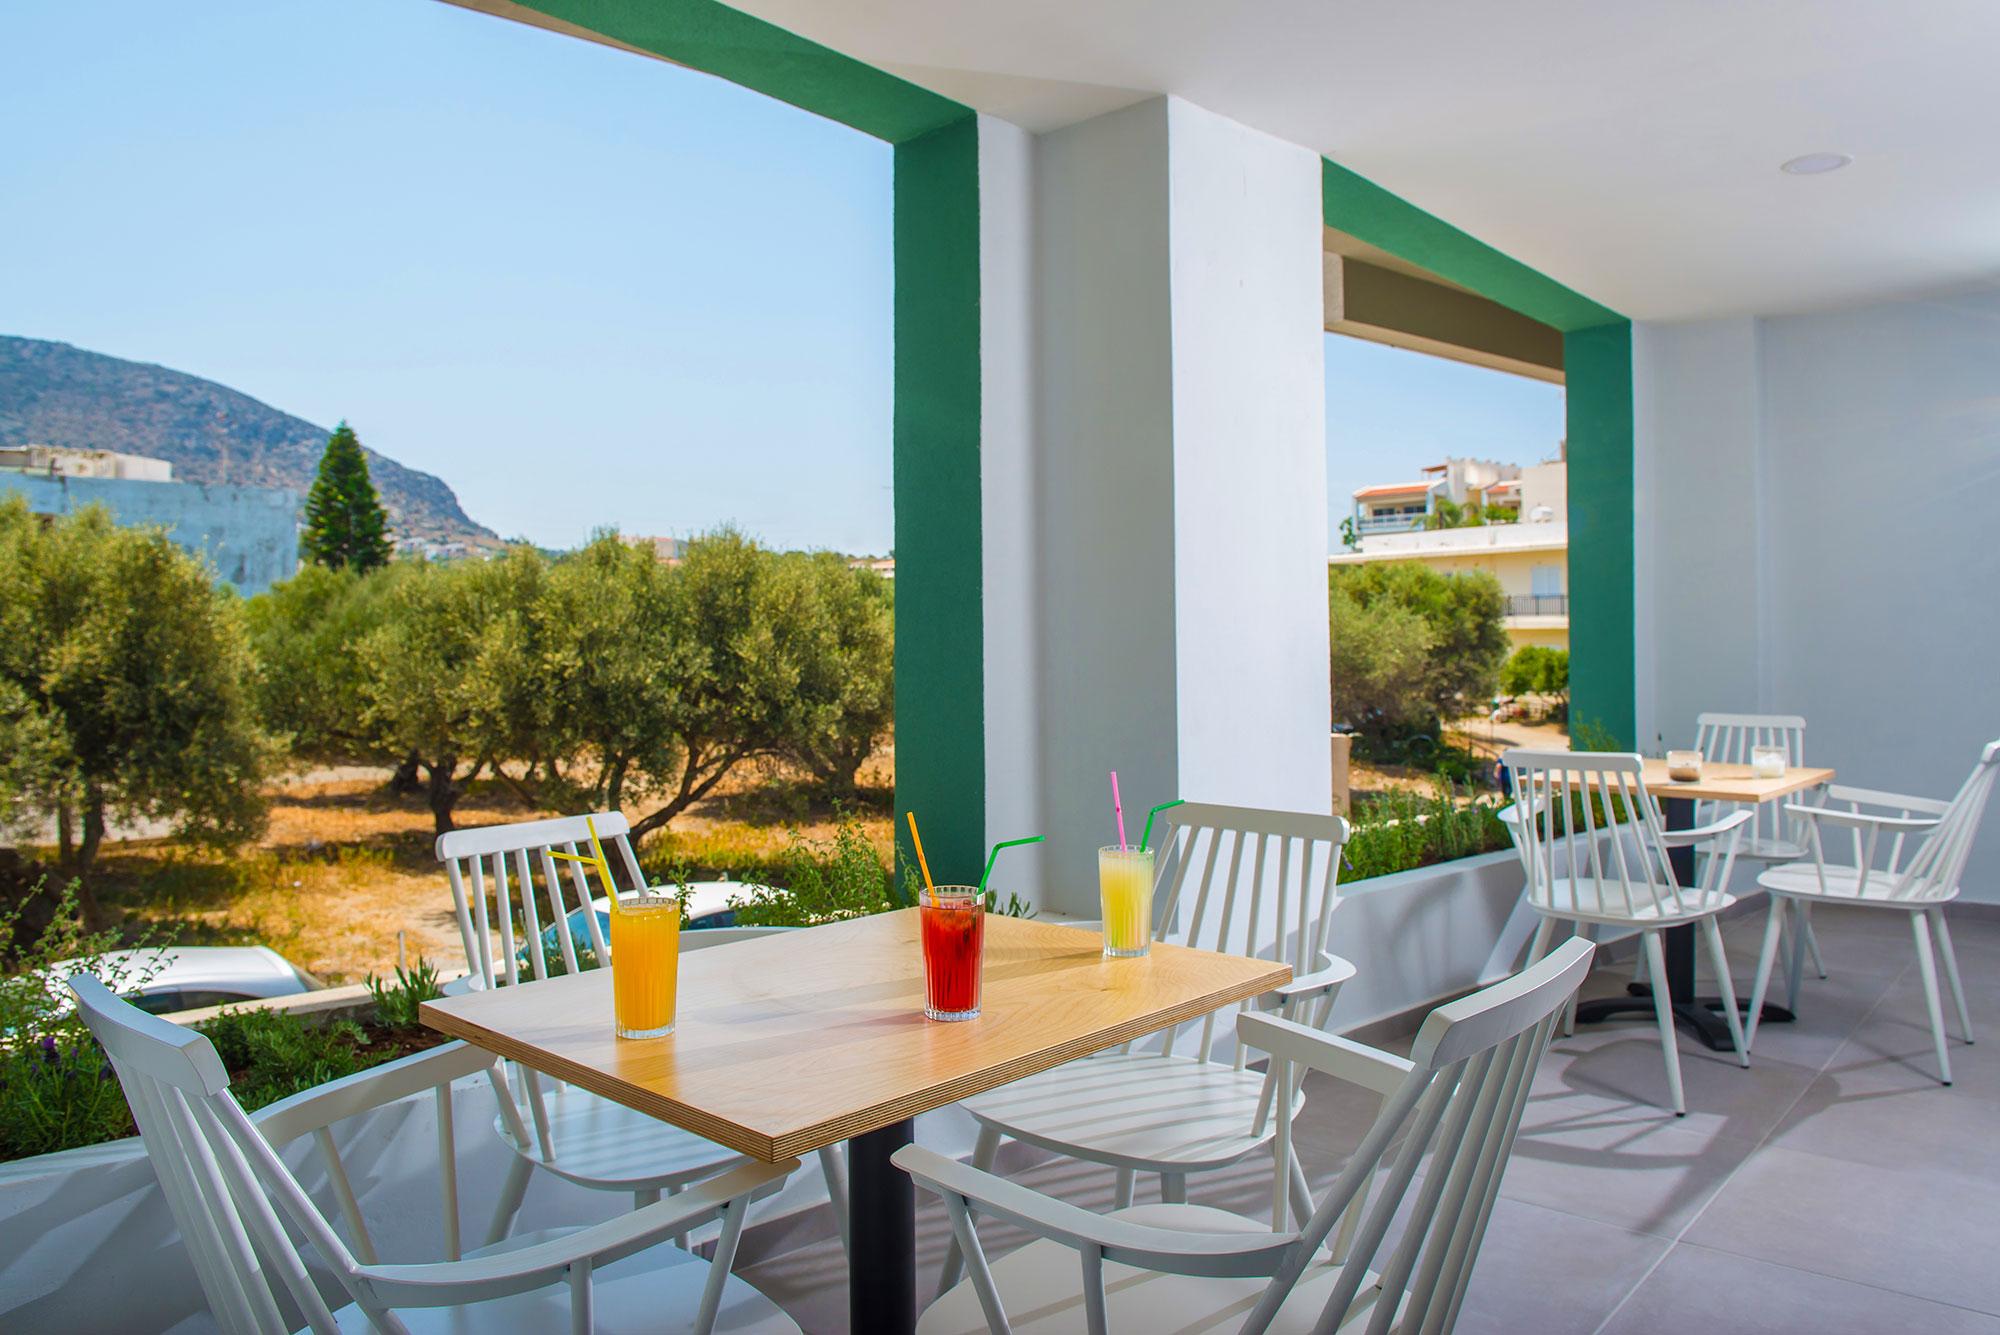 Тури в готель City Green Hotel Іракліон Греція